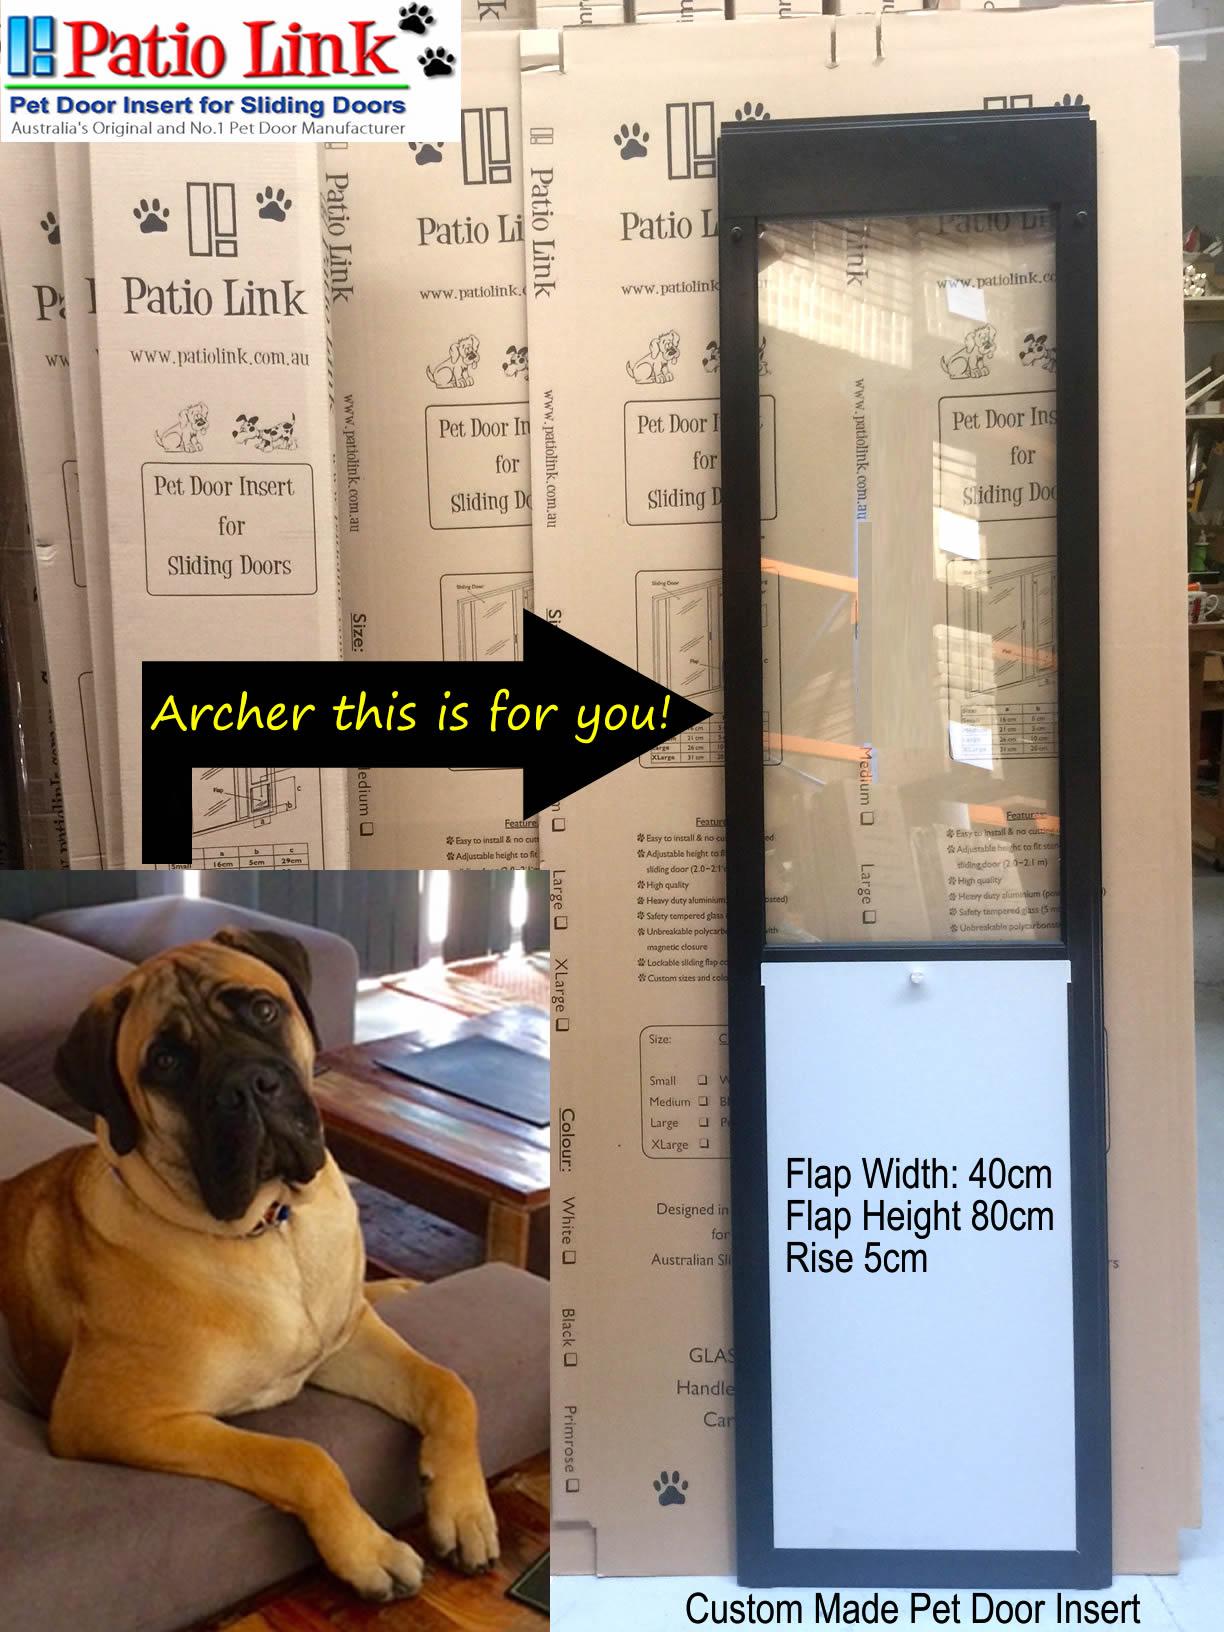 Patio Pet Door Inserts For Sliding Doors Fully Lockablefast Delivery